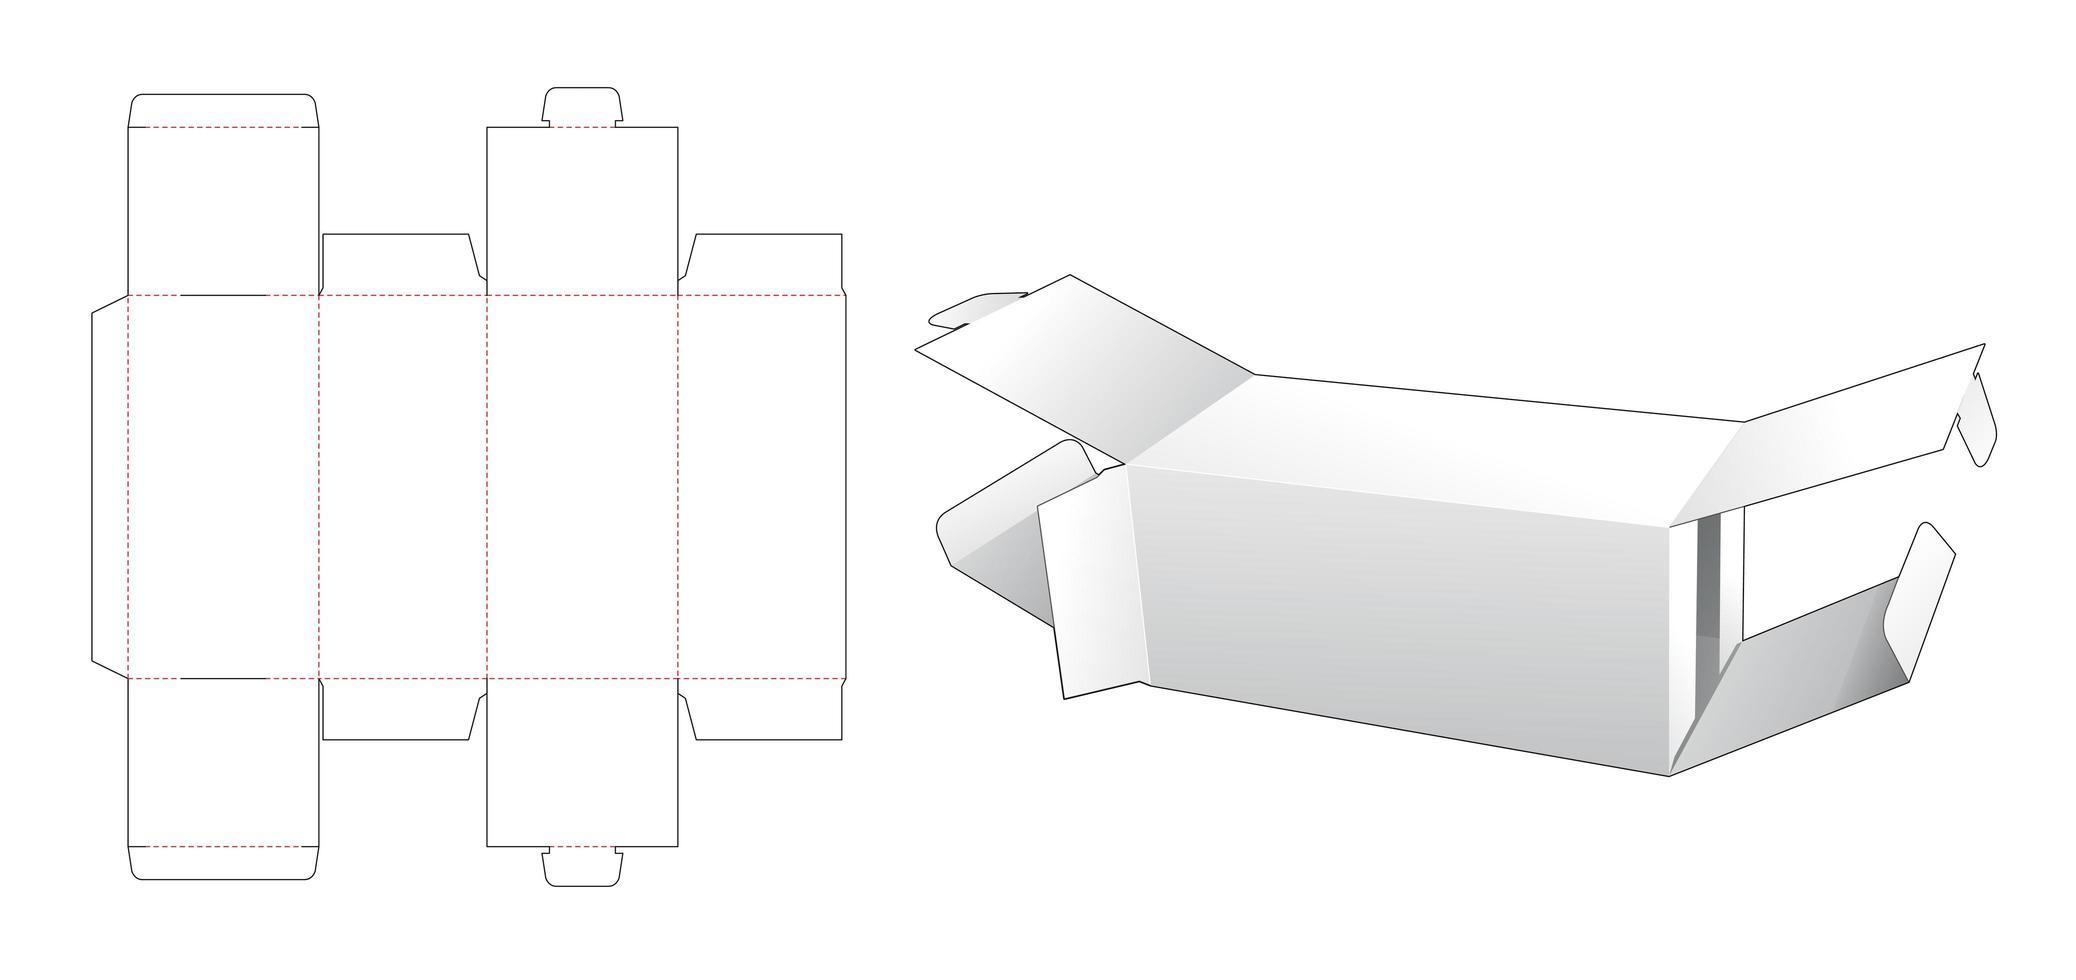 Caixa de embalagem com 2 pontas articuladas vetor